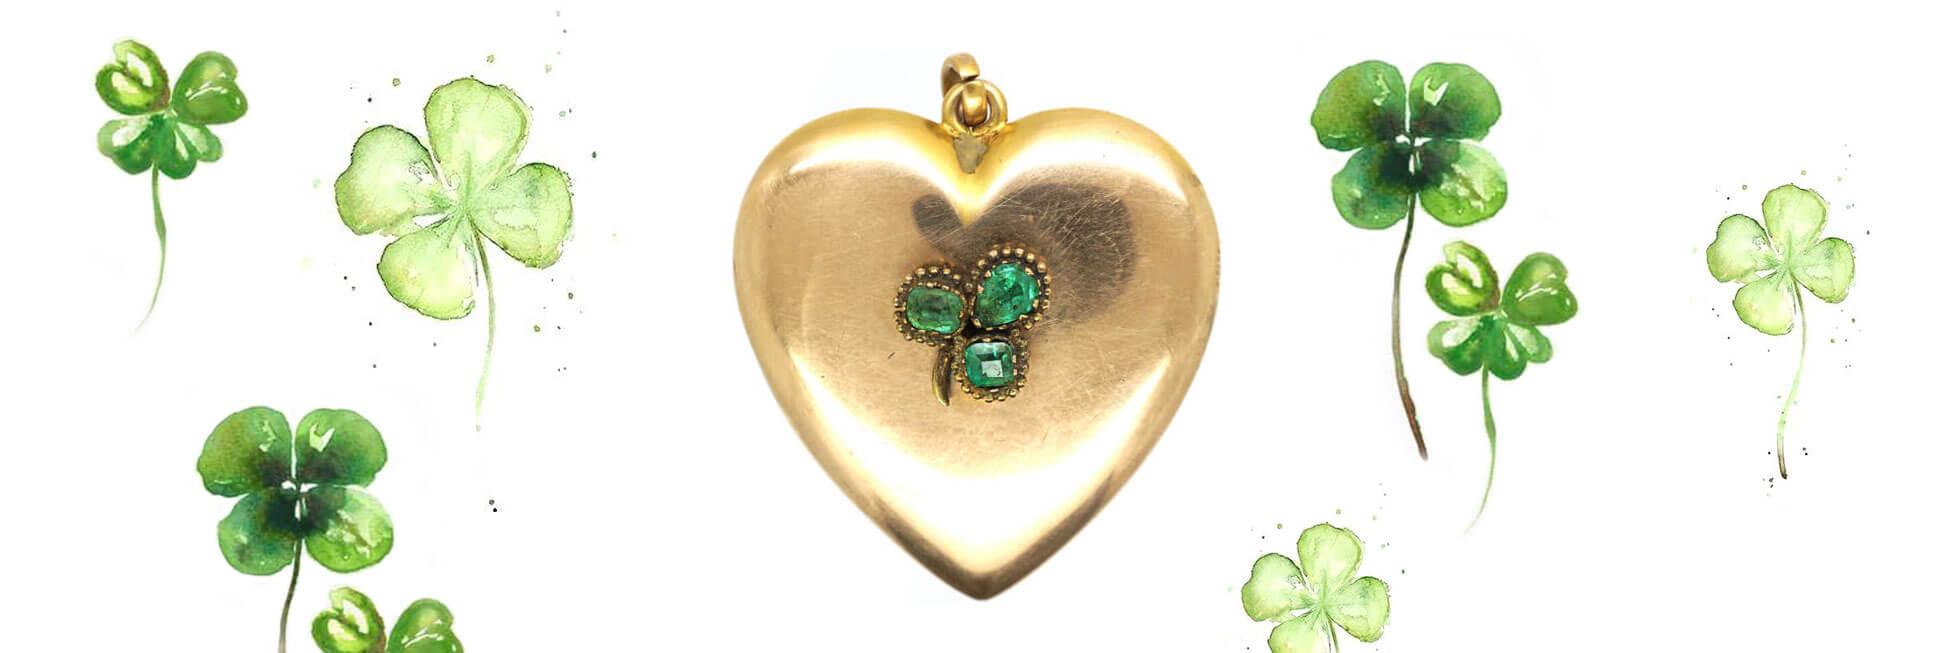 Large Edwardian 10ct Gold Heart Shaped Locket set with Three Emeralds